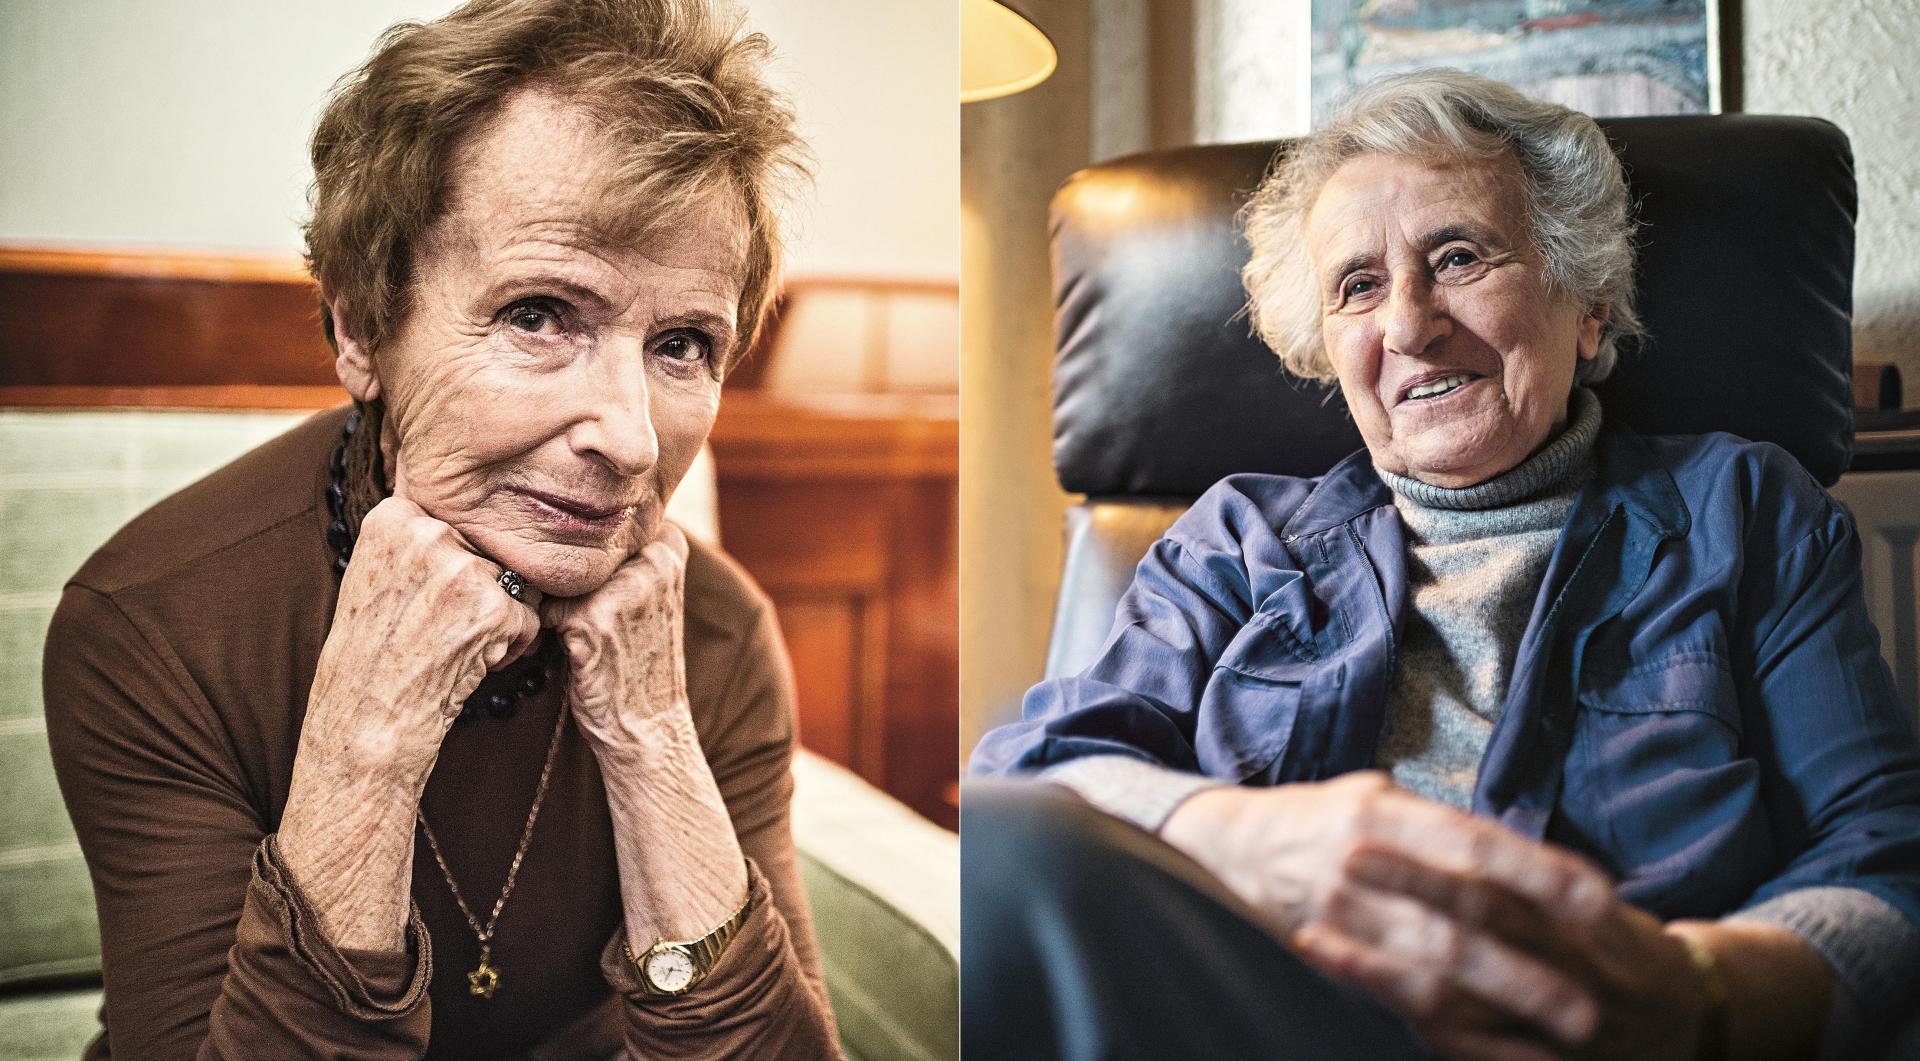 Portraits of Renate Harpprecht and Anita Lasker Wallfisch